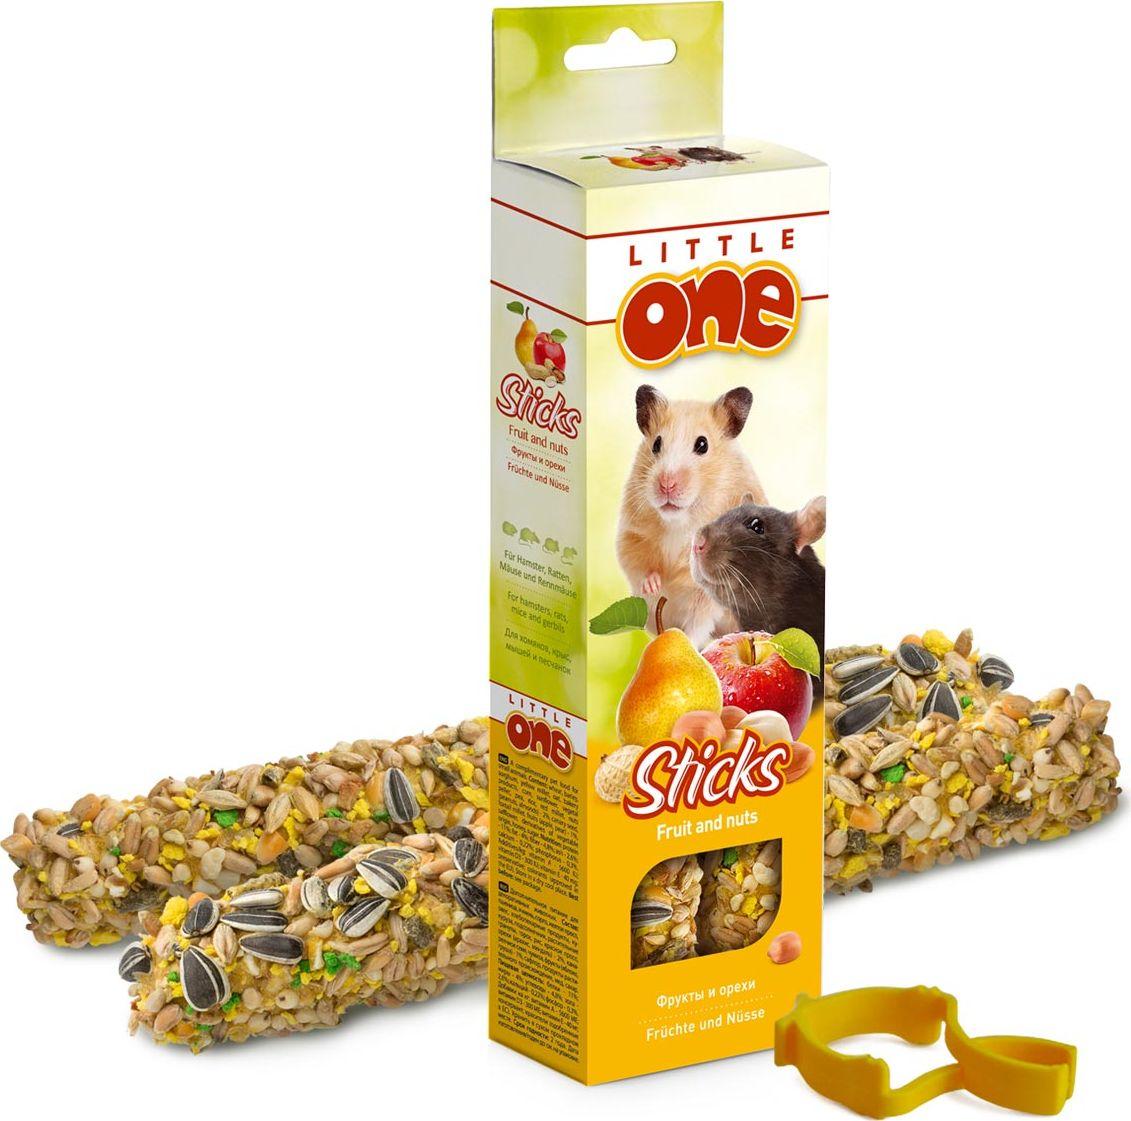 Лакомство для хомяков, крыс, мышей и песчанок Little One Sticks, с фруктами и орехами, 2 х 60 г0120710Лакомство Little One Sticks с фруктами и орехами - это дополнительное питание для хомяков, крыс, мышей и песчанок. В процессе производства палочки запекают в специальных печах особым способом, это обеспечивает превосходный вкус и хрустящую консистенцию.Лакомство имеет буковый стержень, который отлично подходит для стачивания зубов.В комплект входит съемный держатель.Товар сертифицирован.